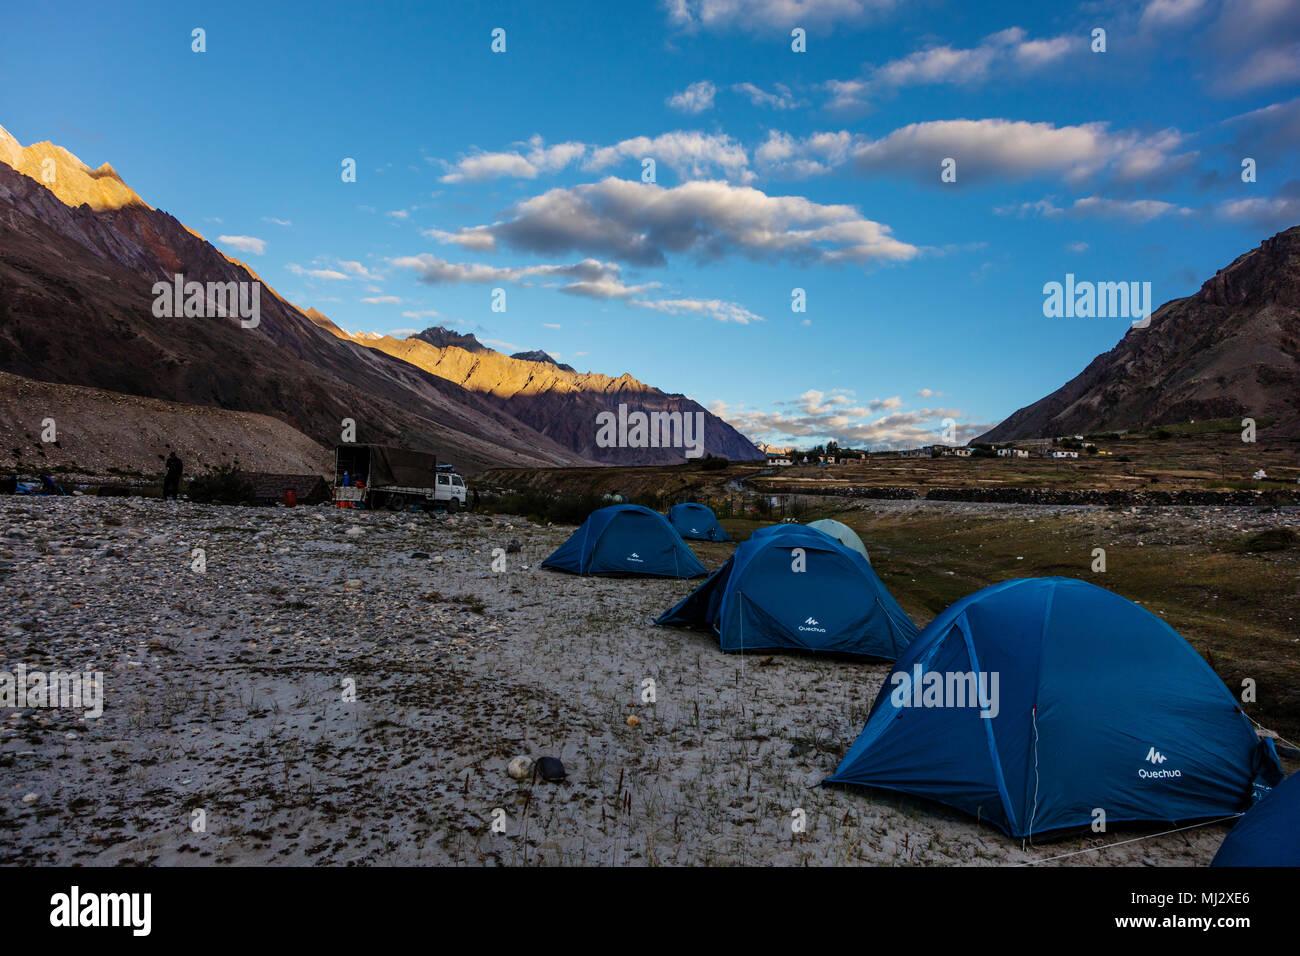 Camping in the STOD RIVER VALLEY - ZANSKAR, LADAKH, INDIA - Stock Image